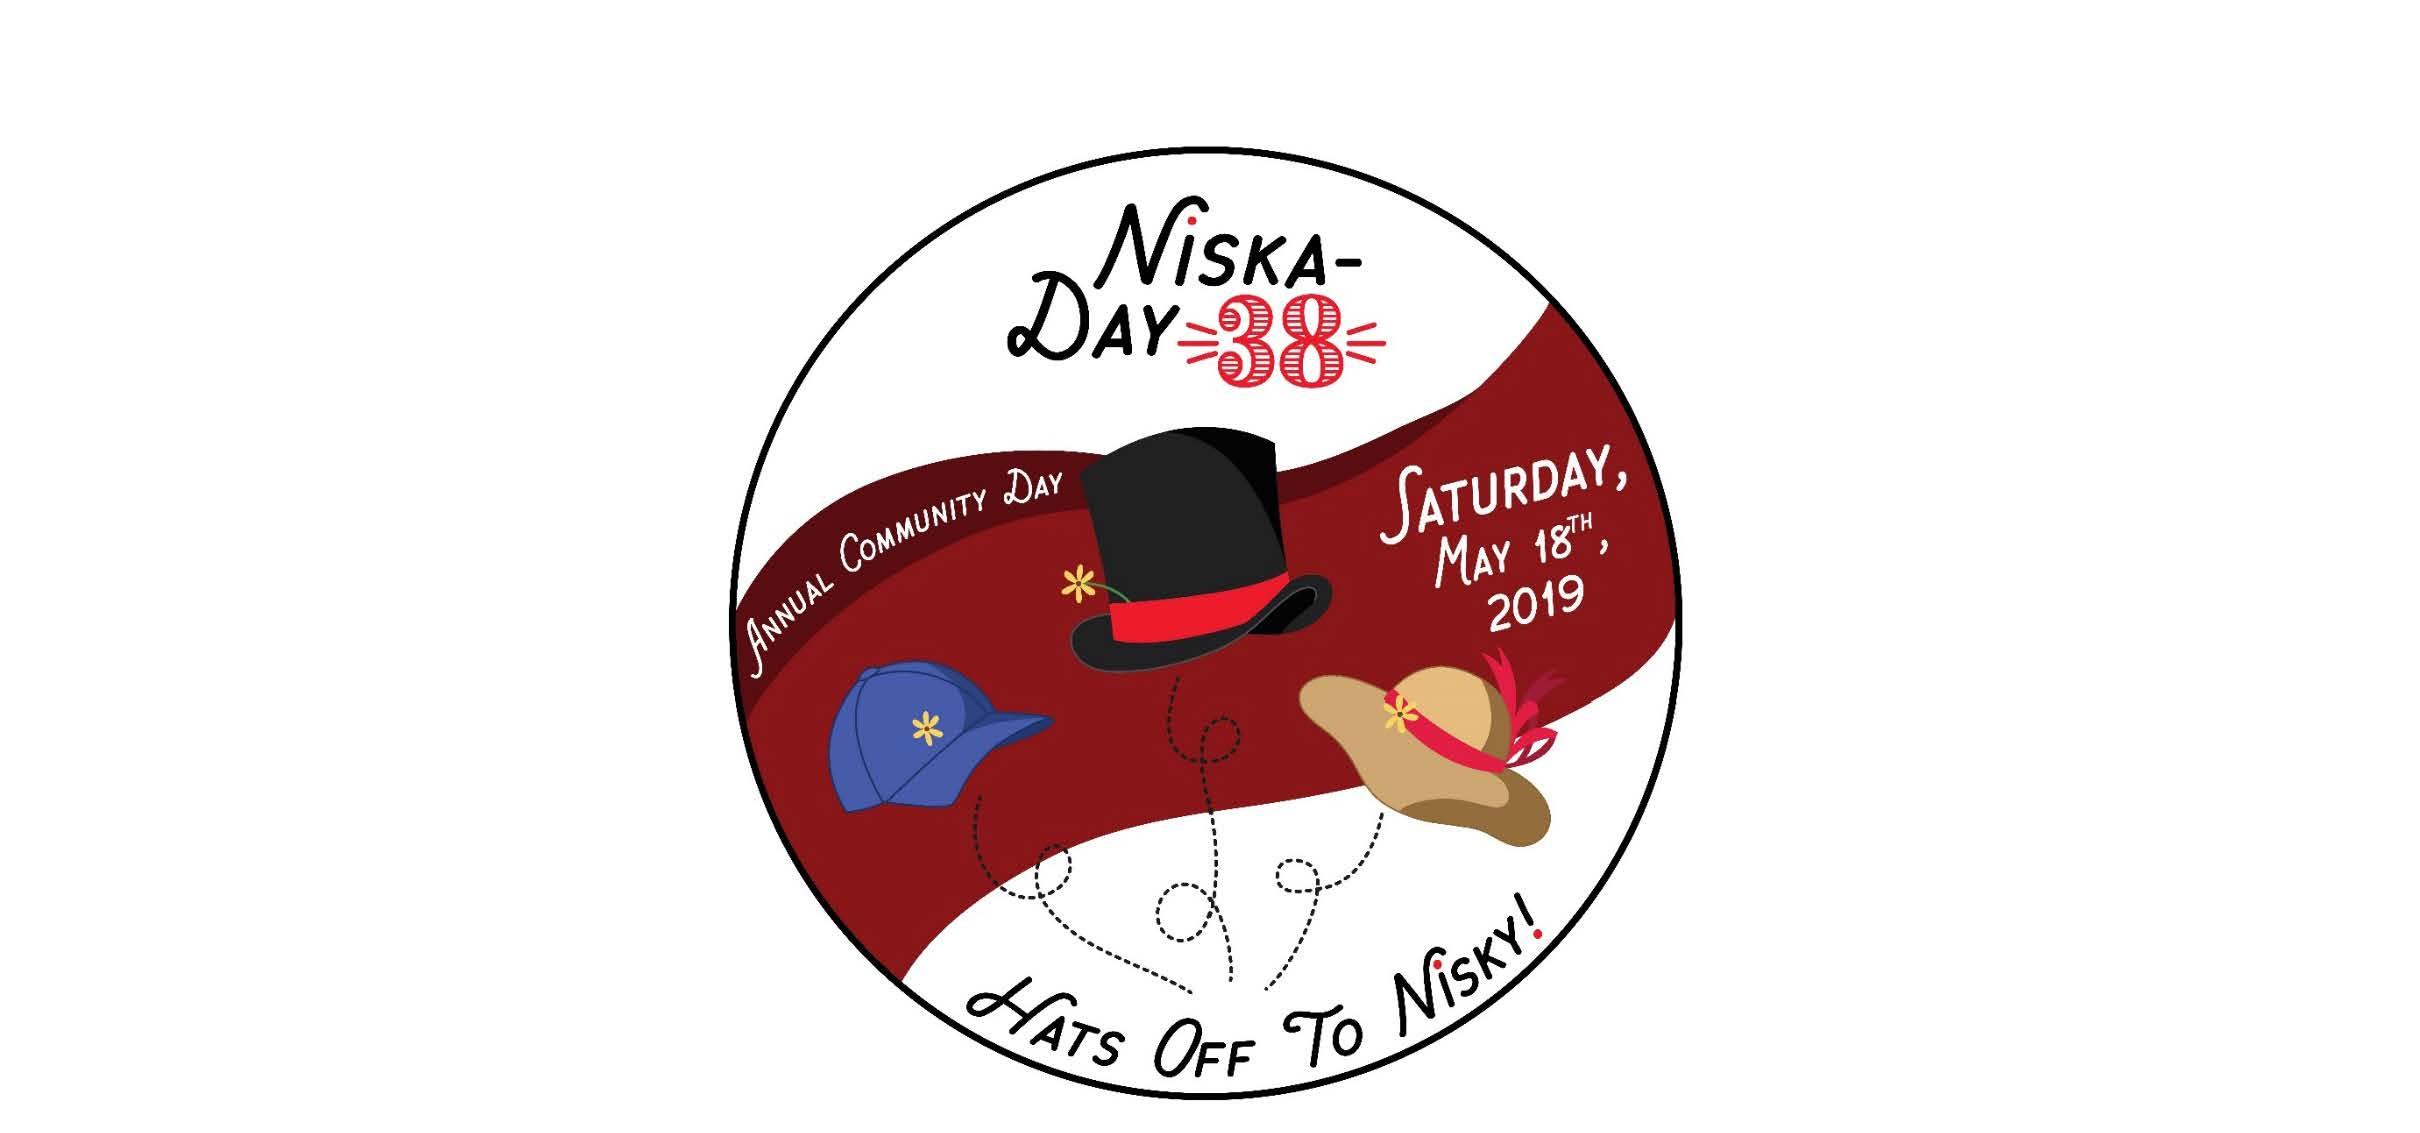 Niska-Day 38 a Success